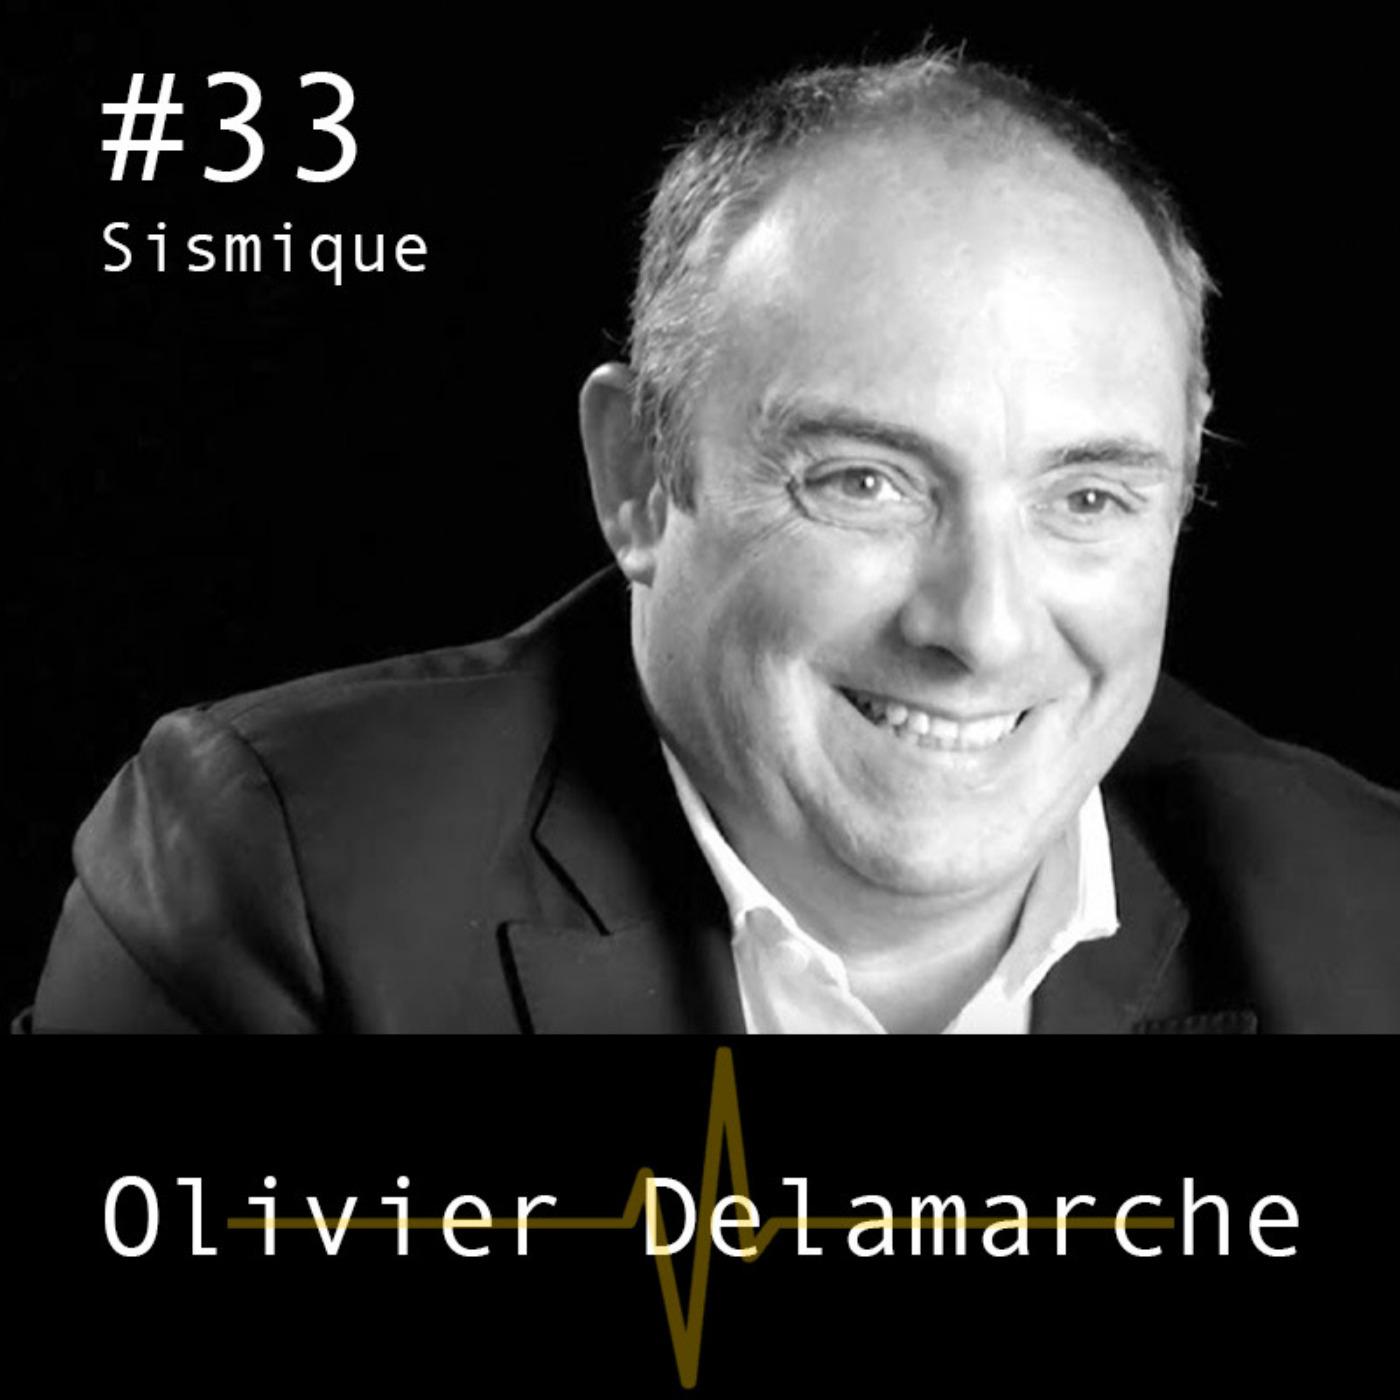 Dette: la fuite en avant - Olivier Delamarche